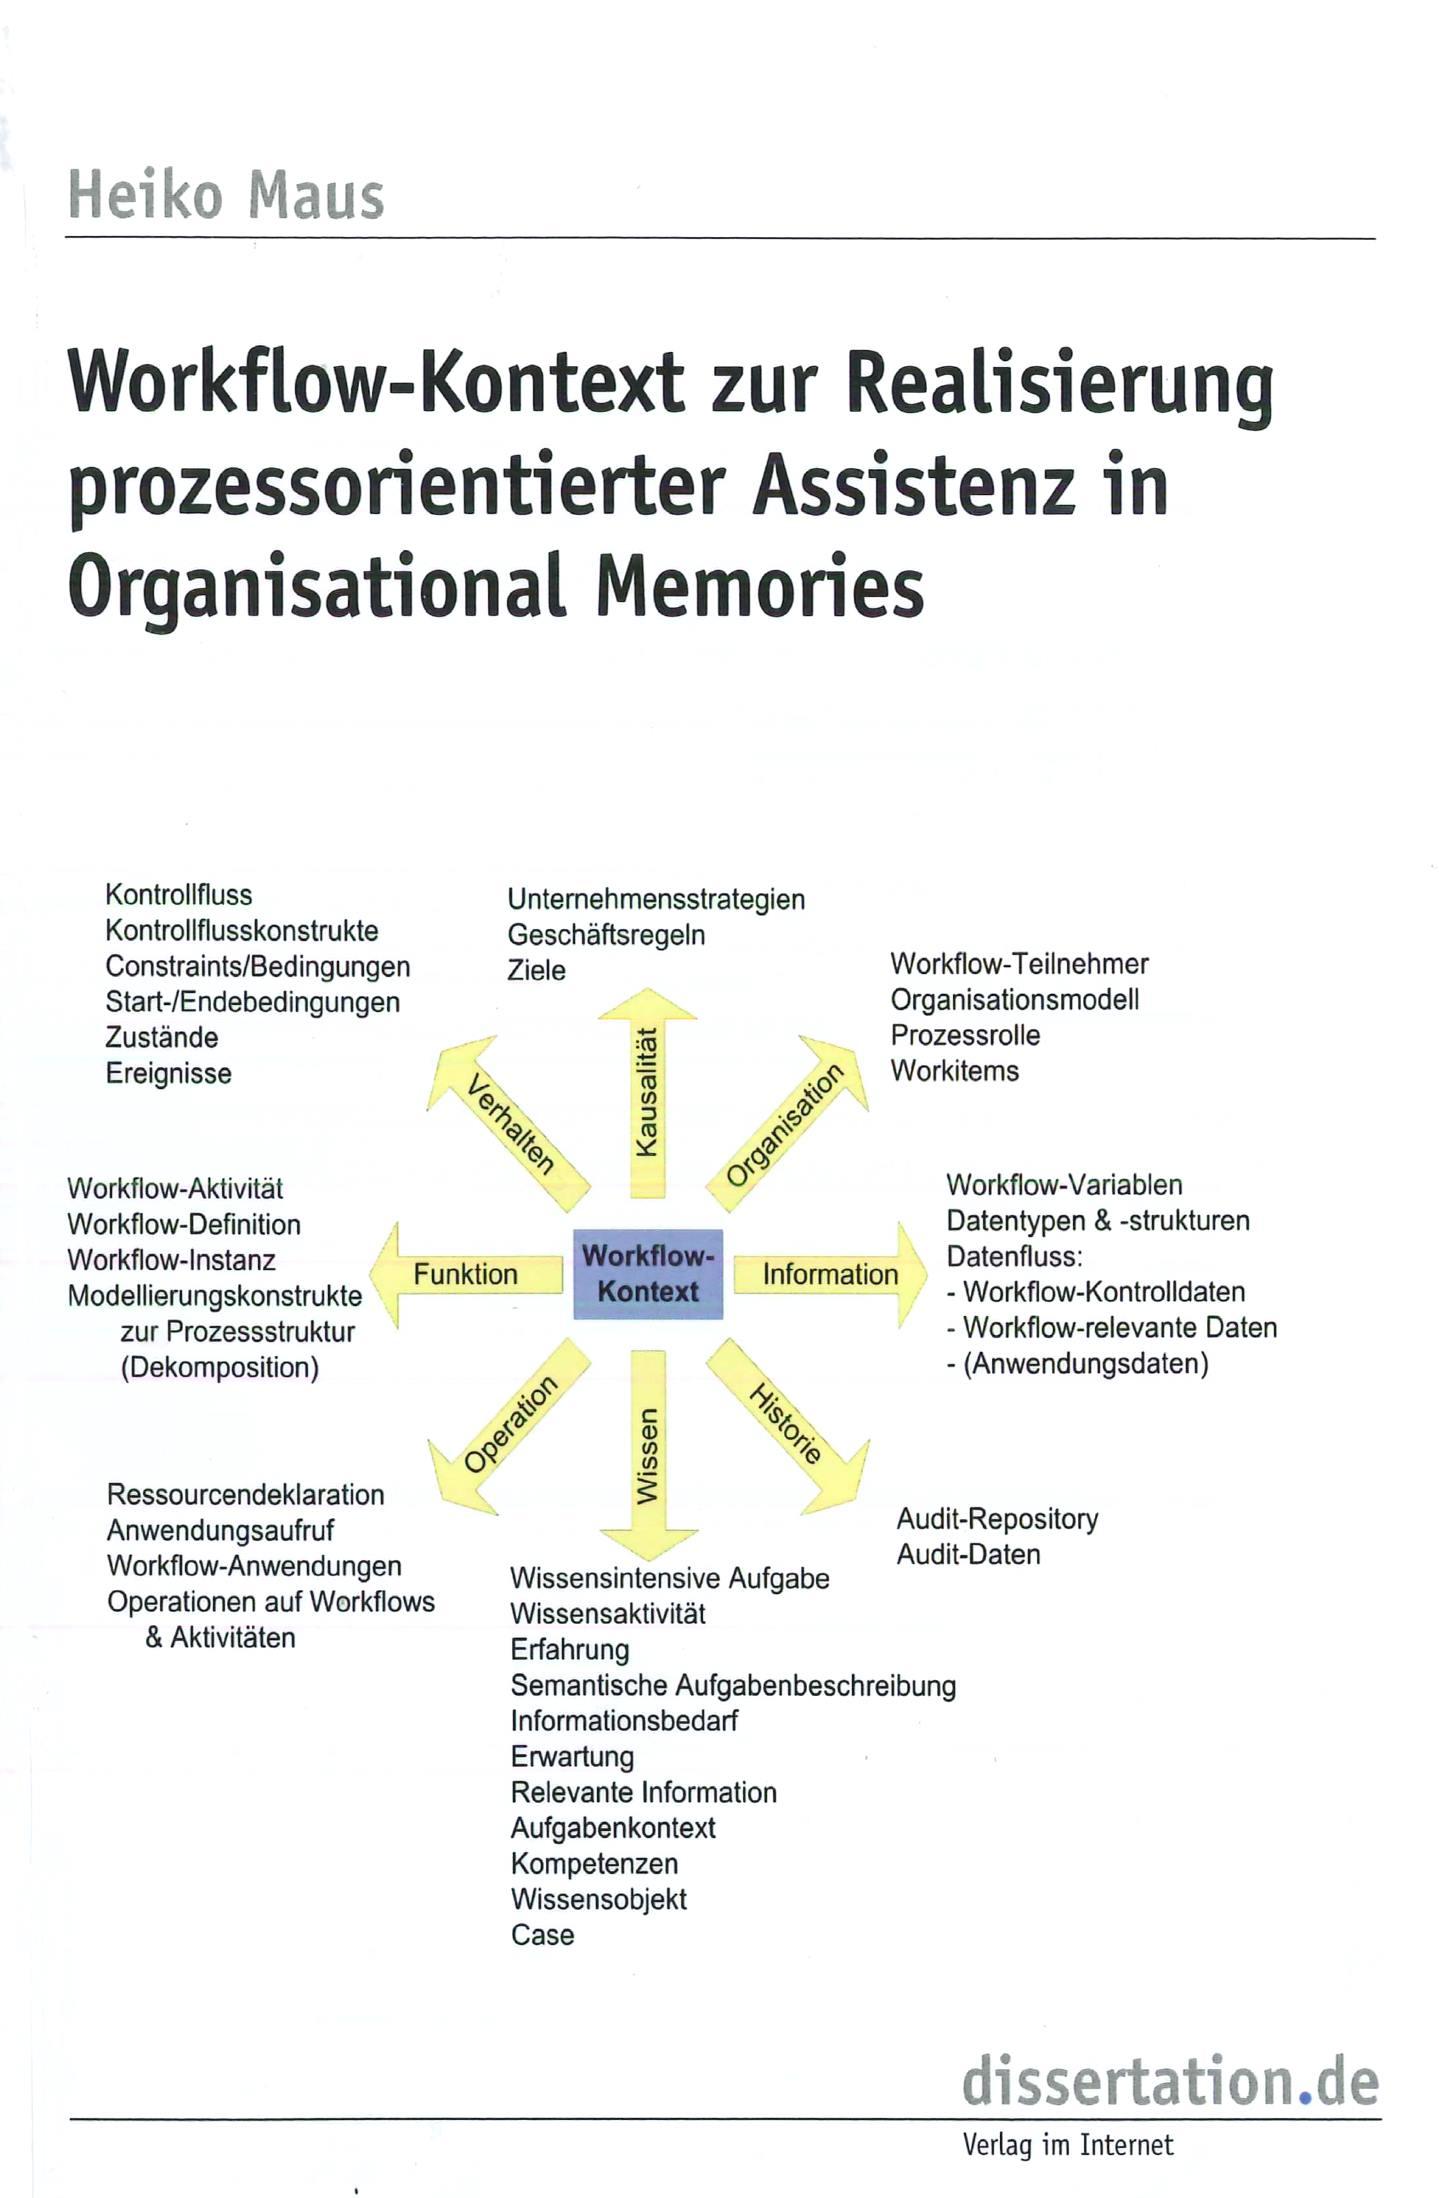 Diss: Workflow-Kontext zur Realisierung prozessorientierter Assistenz in Organisational Memories